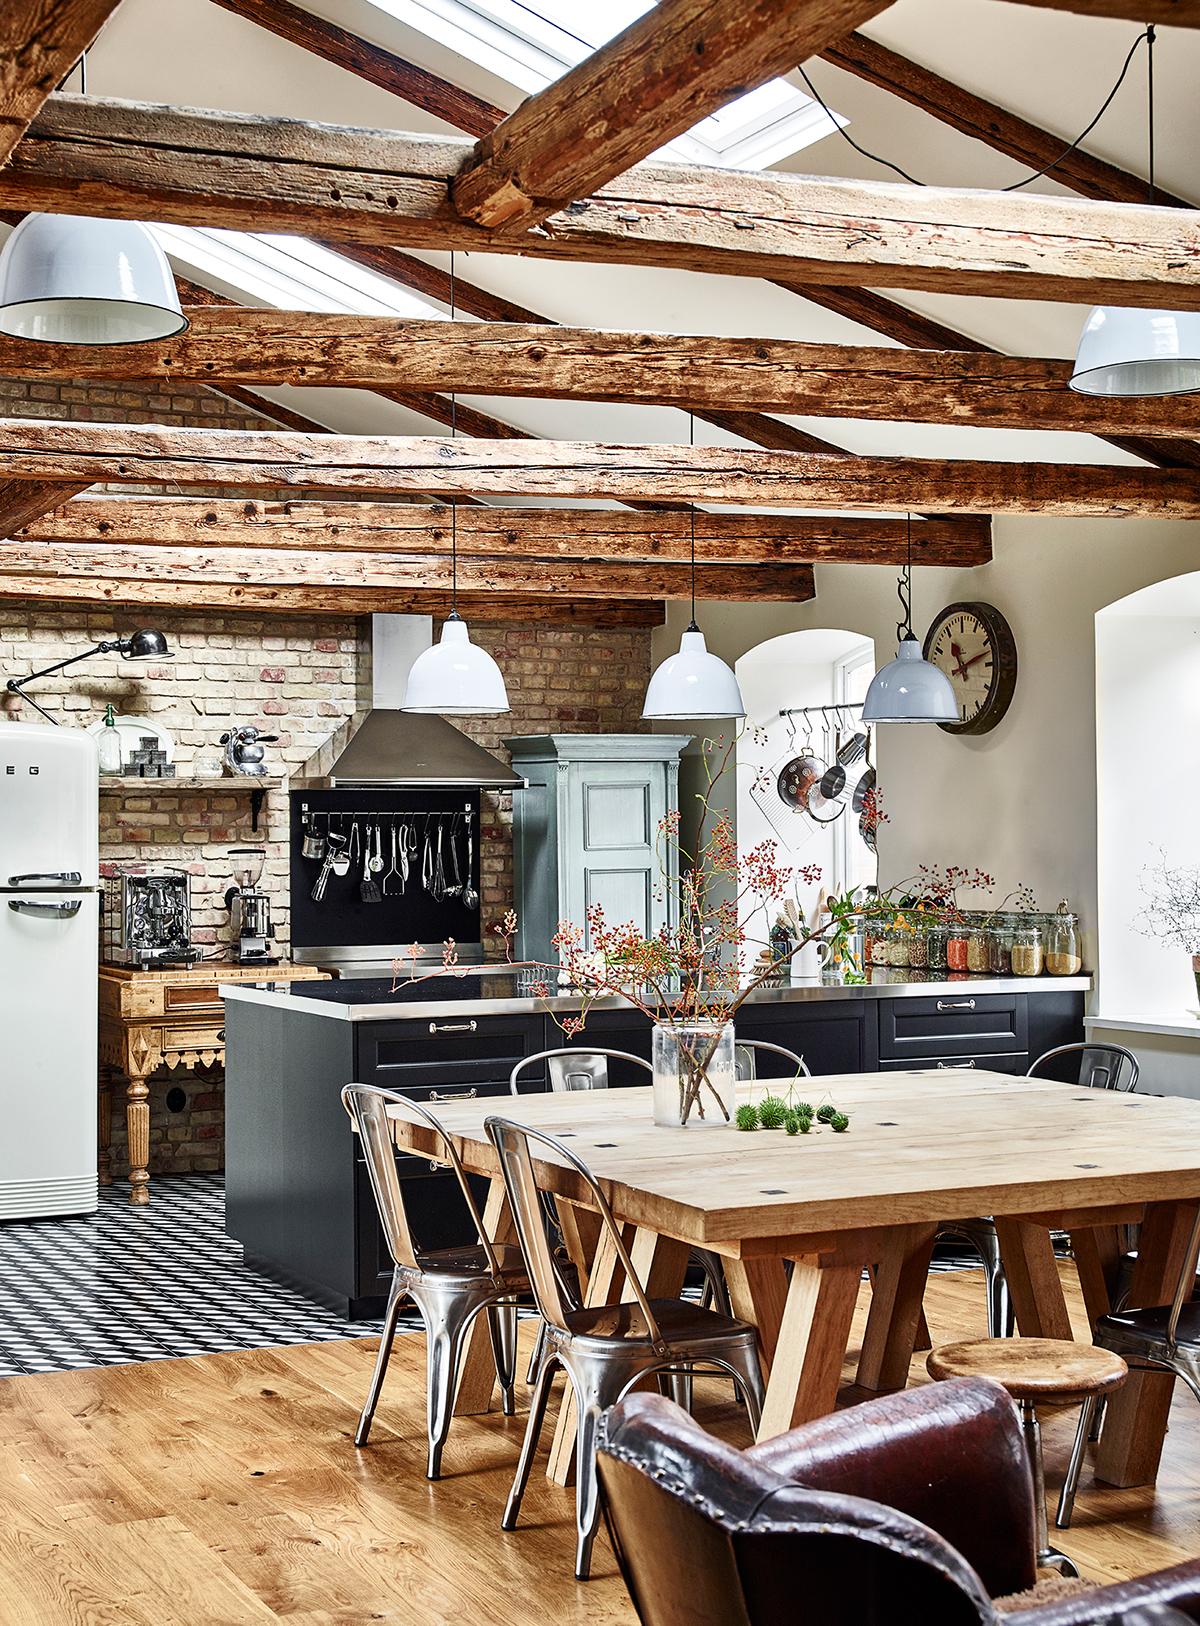 Una mansarda dal fascino rustico industriale - Casa stile country rustico ...